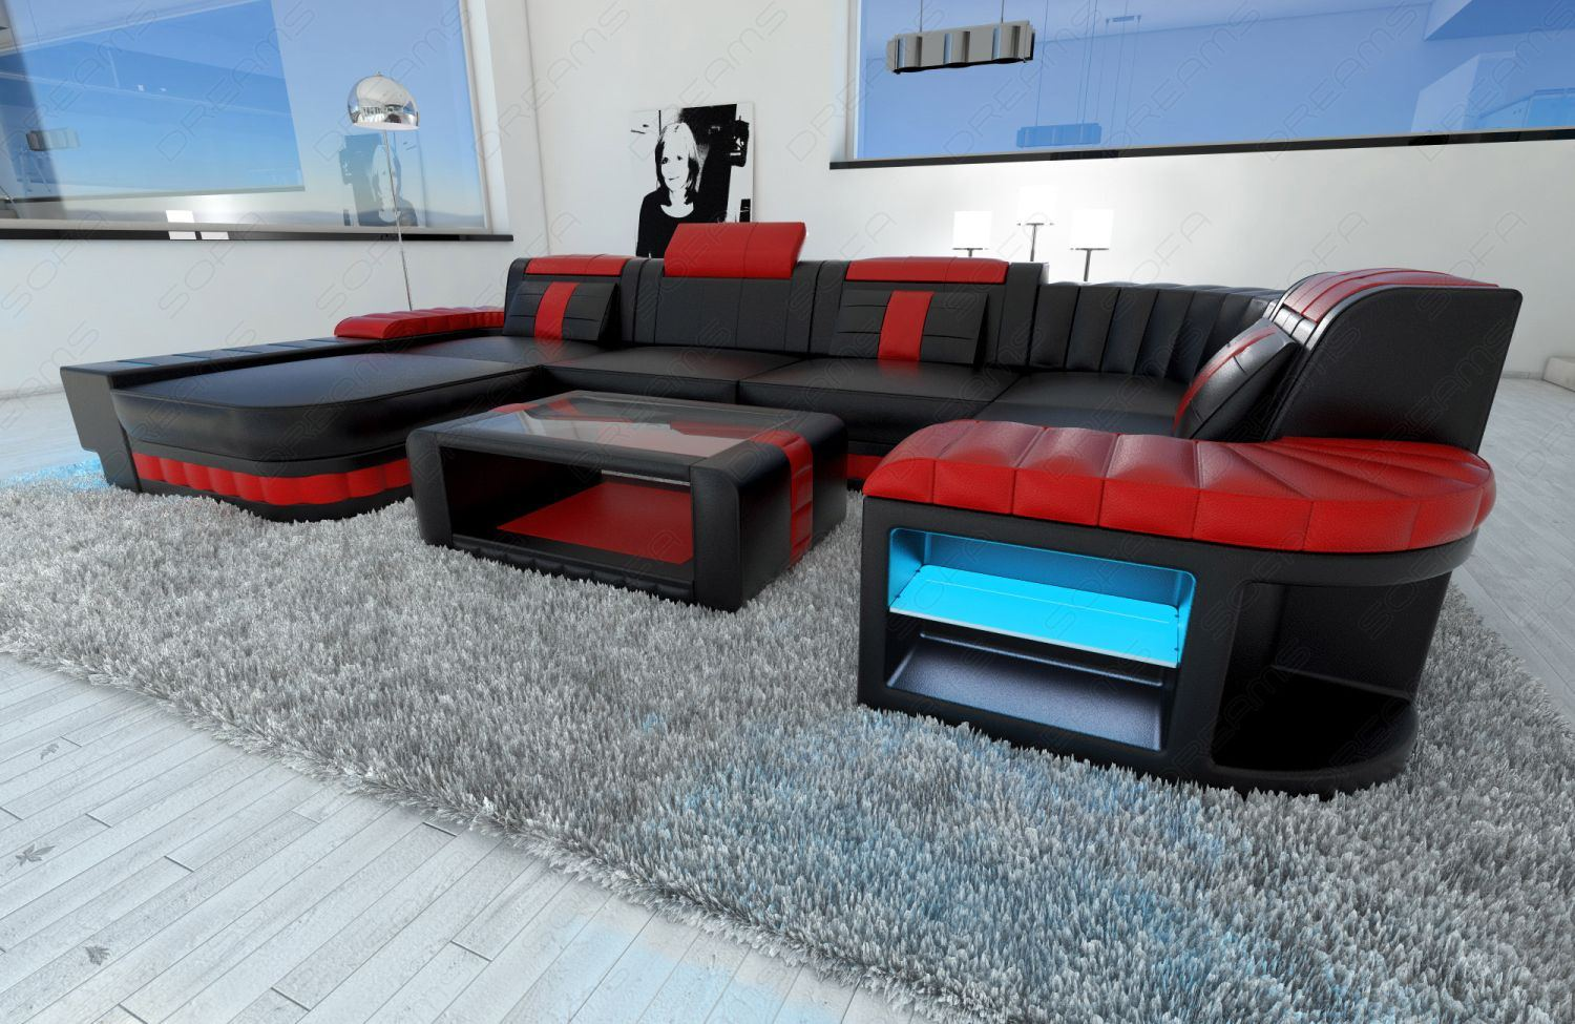 wohnlandschaft bellagio u form leder schwarz rot mit led. Black Bedroom Furniture Sets. Home Design Ideas